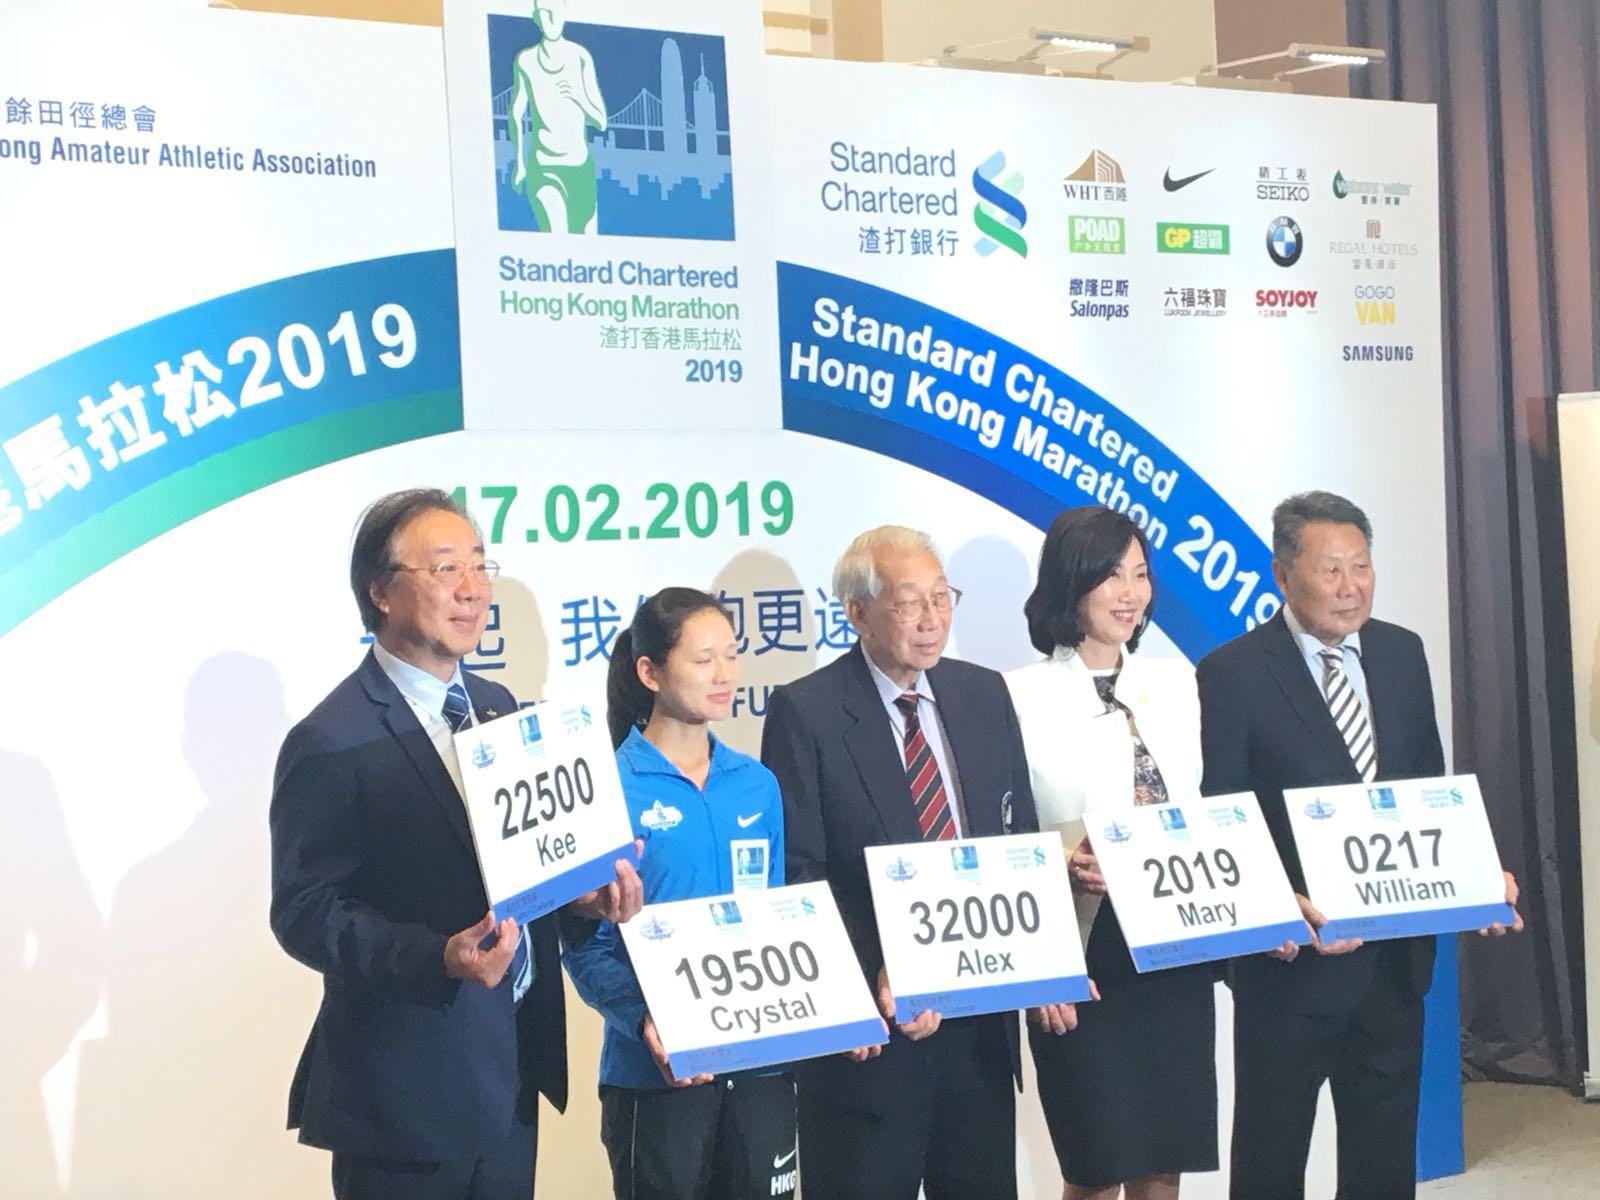 渣打馬拉松2019於明年2月17日舉行。